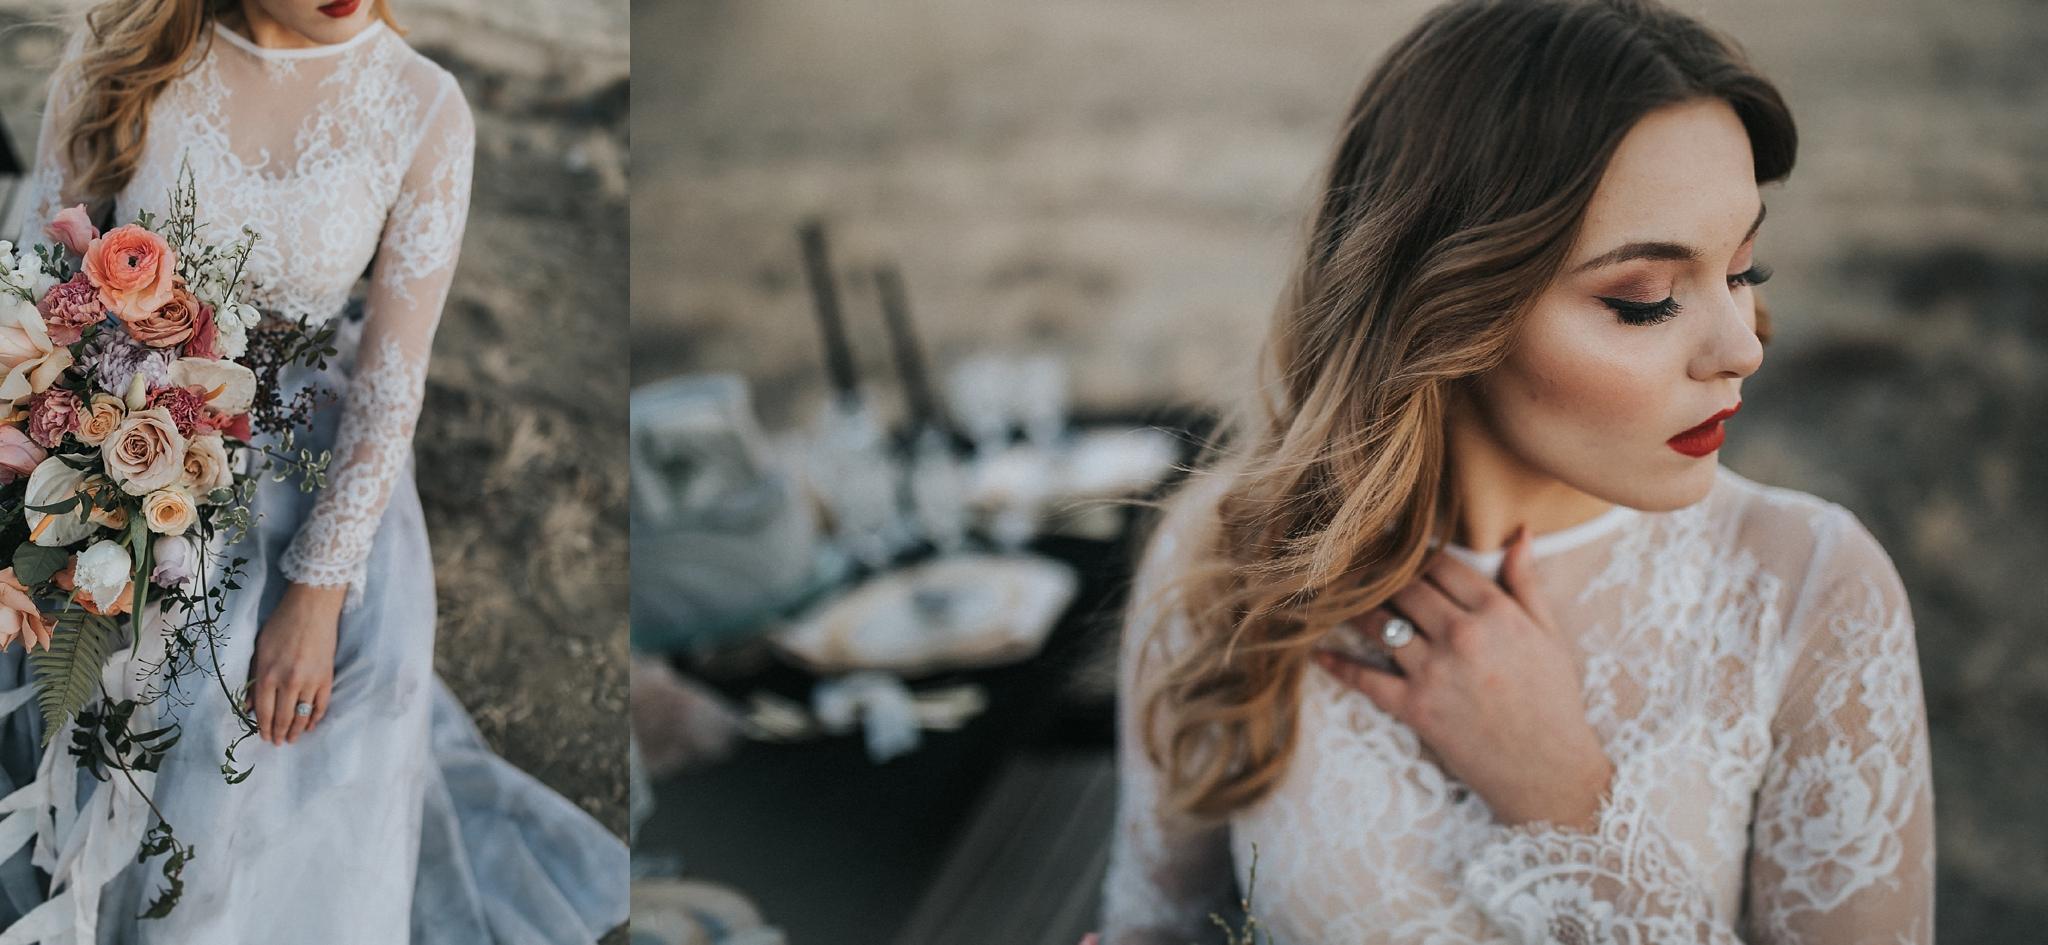 Alicia+lucia+photography+-+albuquerque+wedding+photographer+-+santa+fe+wedding+photography+-+new+mexico+wedding+photographer+-+albuquerque+wedding+-+santa+fe+wedding+-+wedding+gowns+-+non+traditional+wedding+gowns_0037.jpg